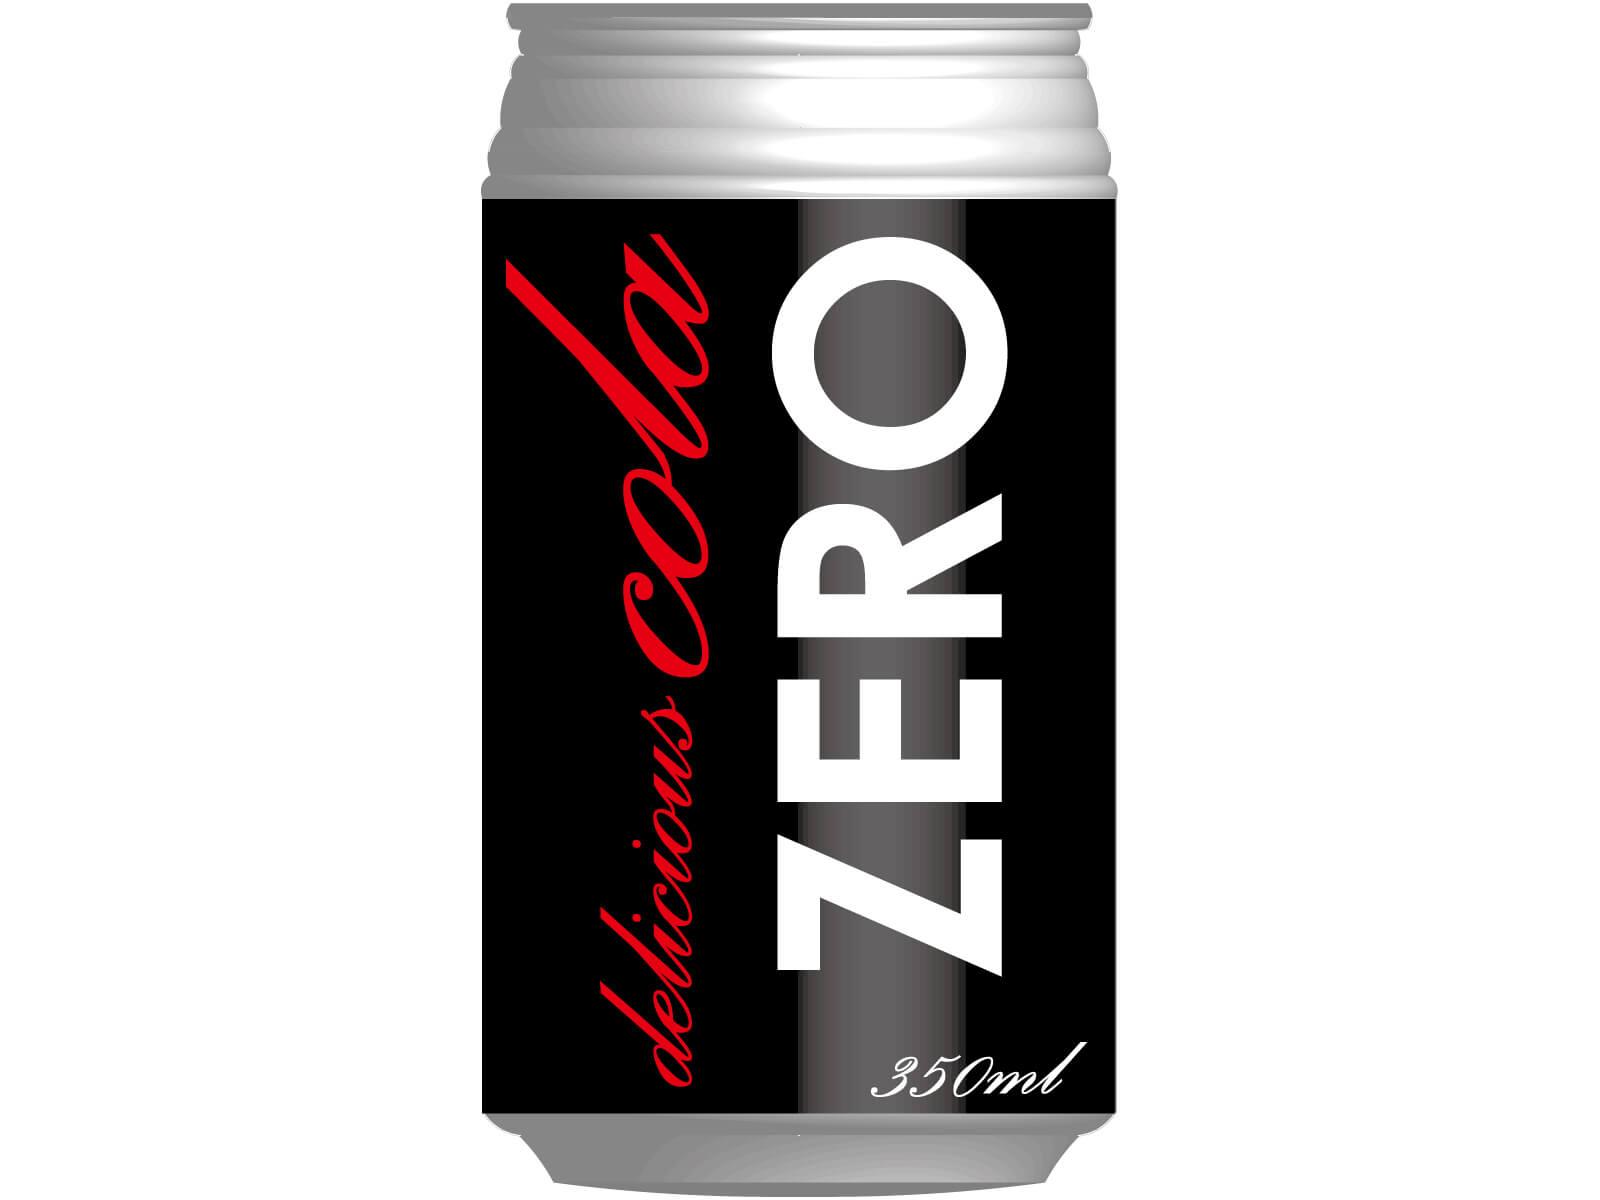 【食品表示】添加物ゼロ・カロリーゼロ・糖質ゼロは本当にゼロ?